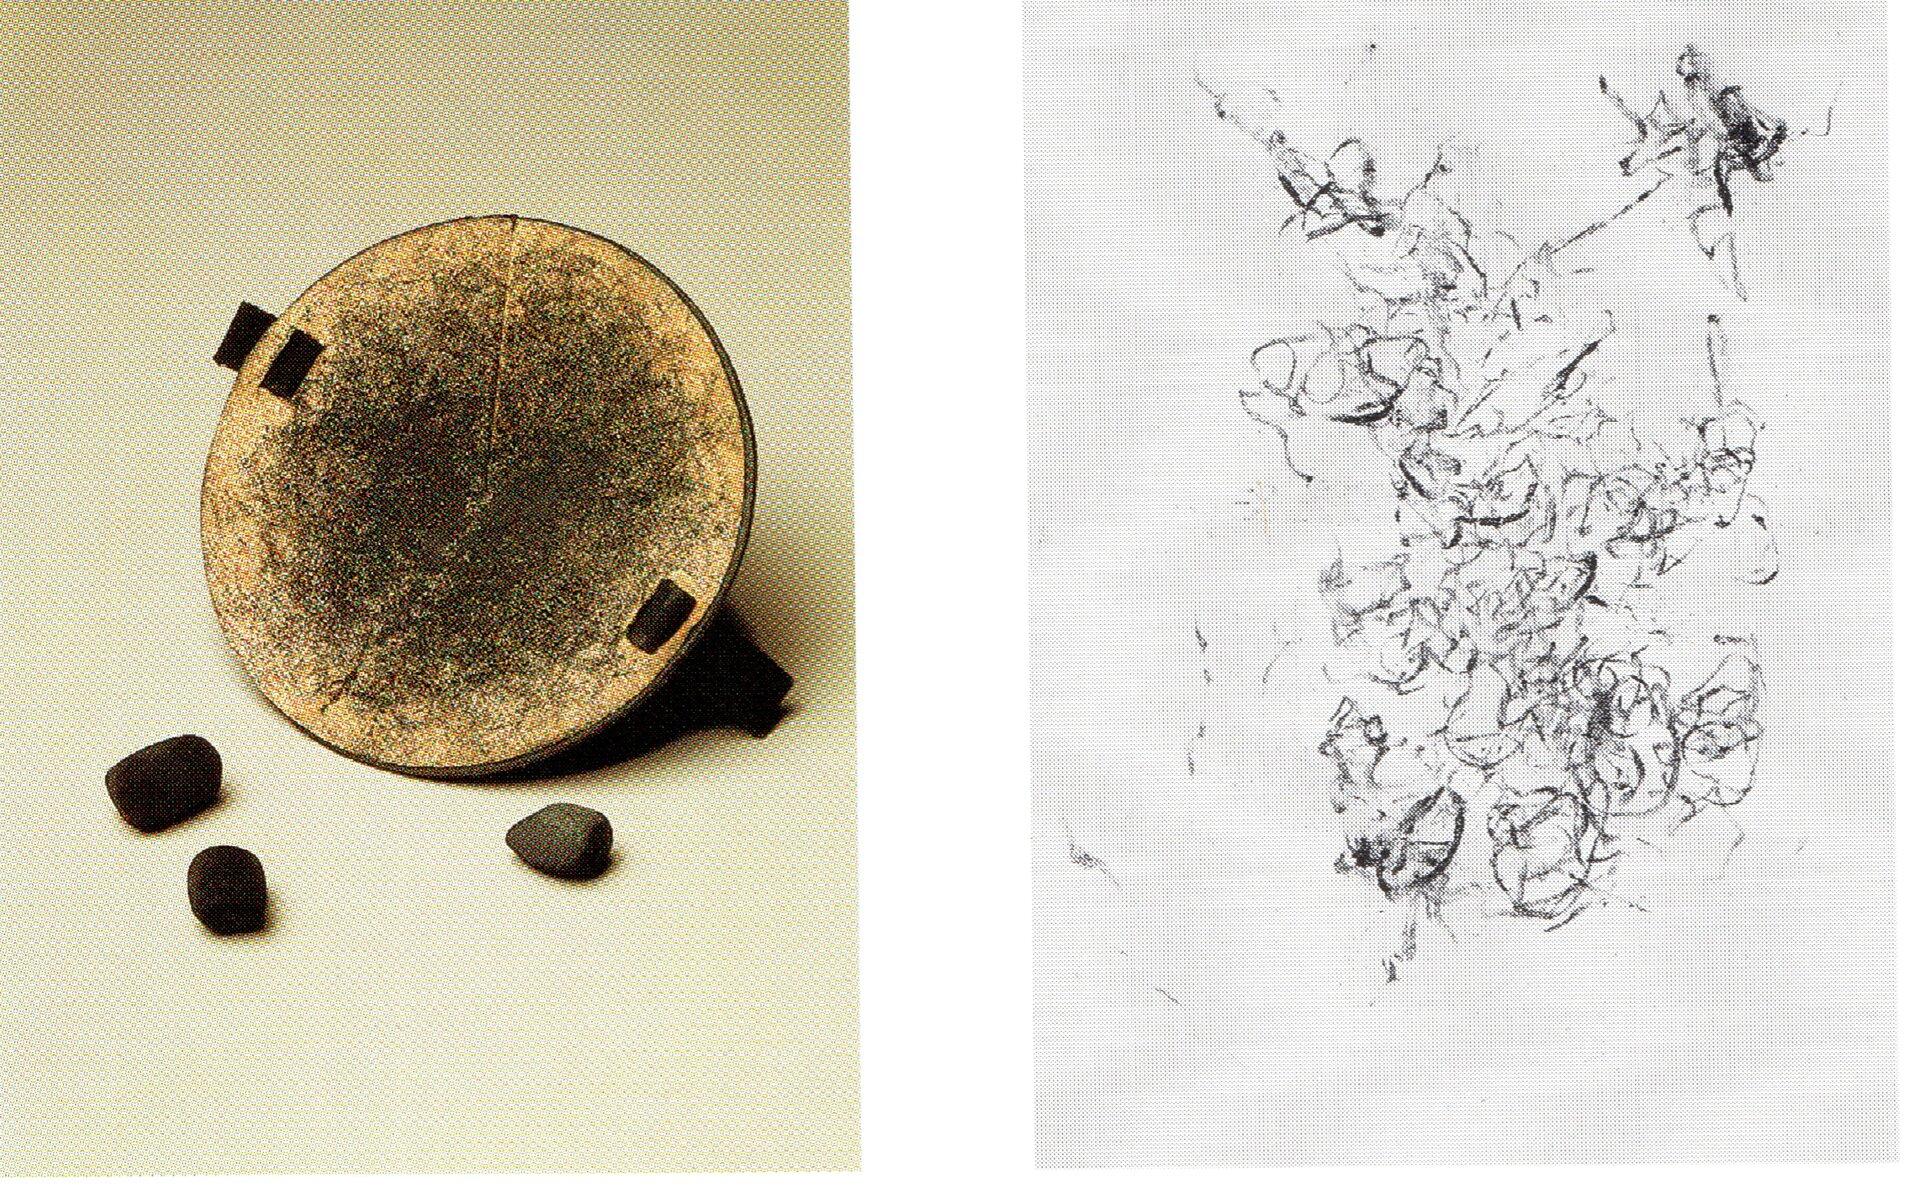 Ilustracja przedstawiająca nietypowe narzędzia rysunkowe.